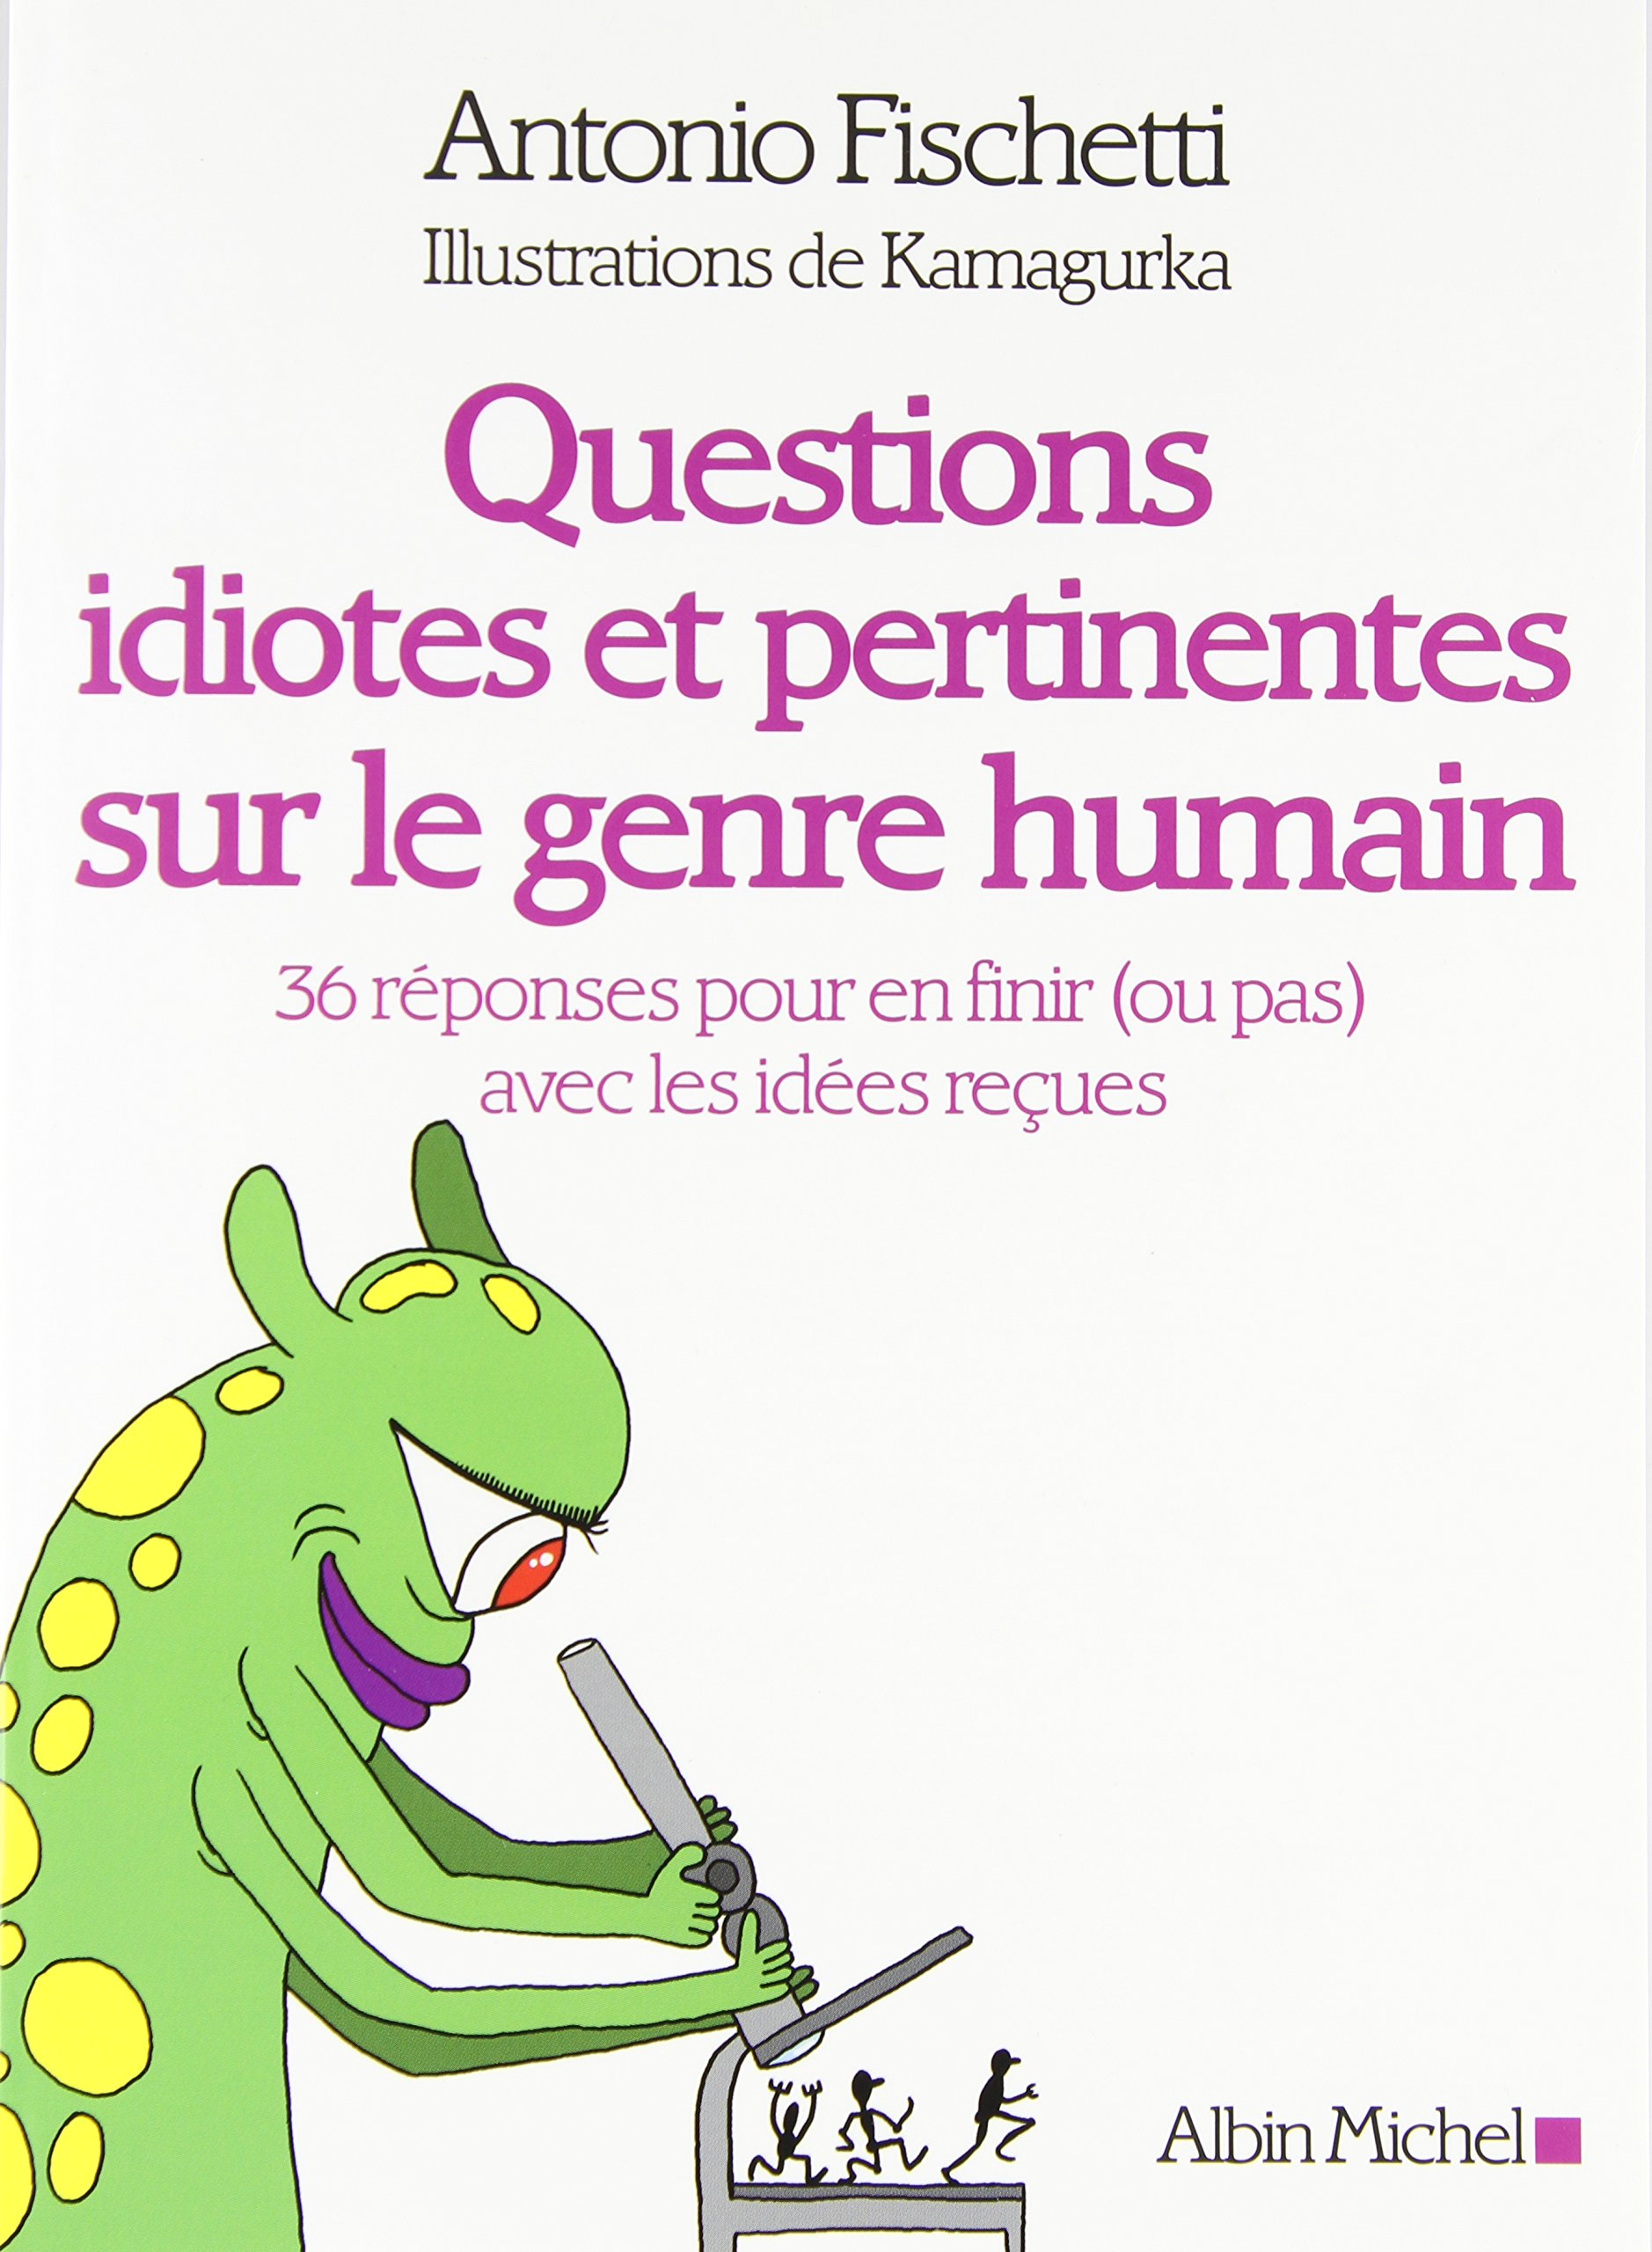 Download Questions idiotes et pertinentes sur le genre humain : 36 réponses pour en finir (ou pas) avec les idées reçues PDF